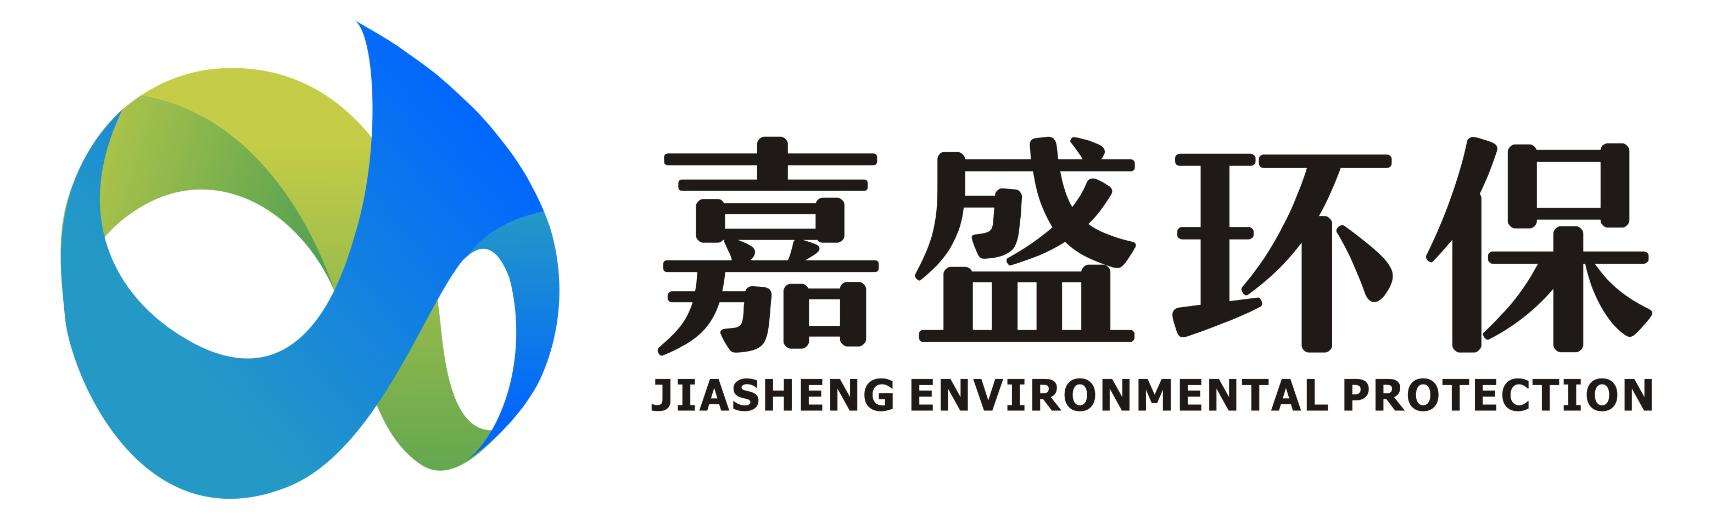 十堰市嘉盛环保科技有限公司